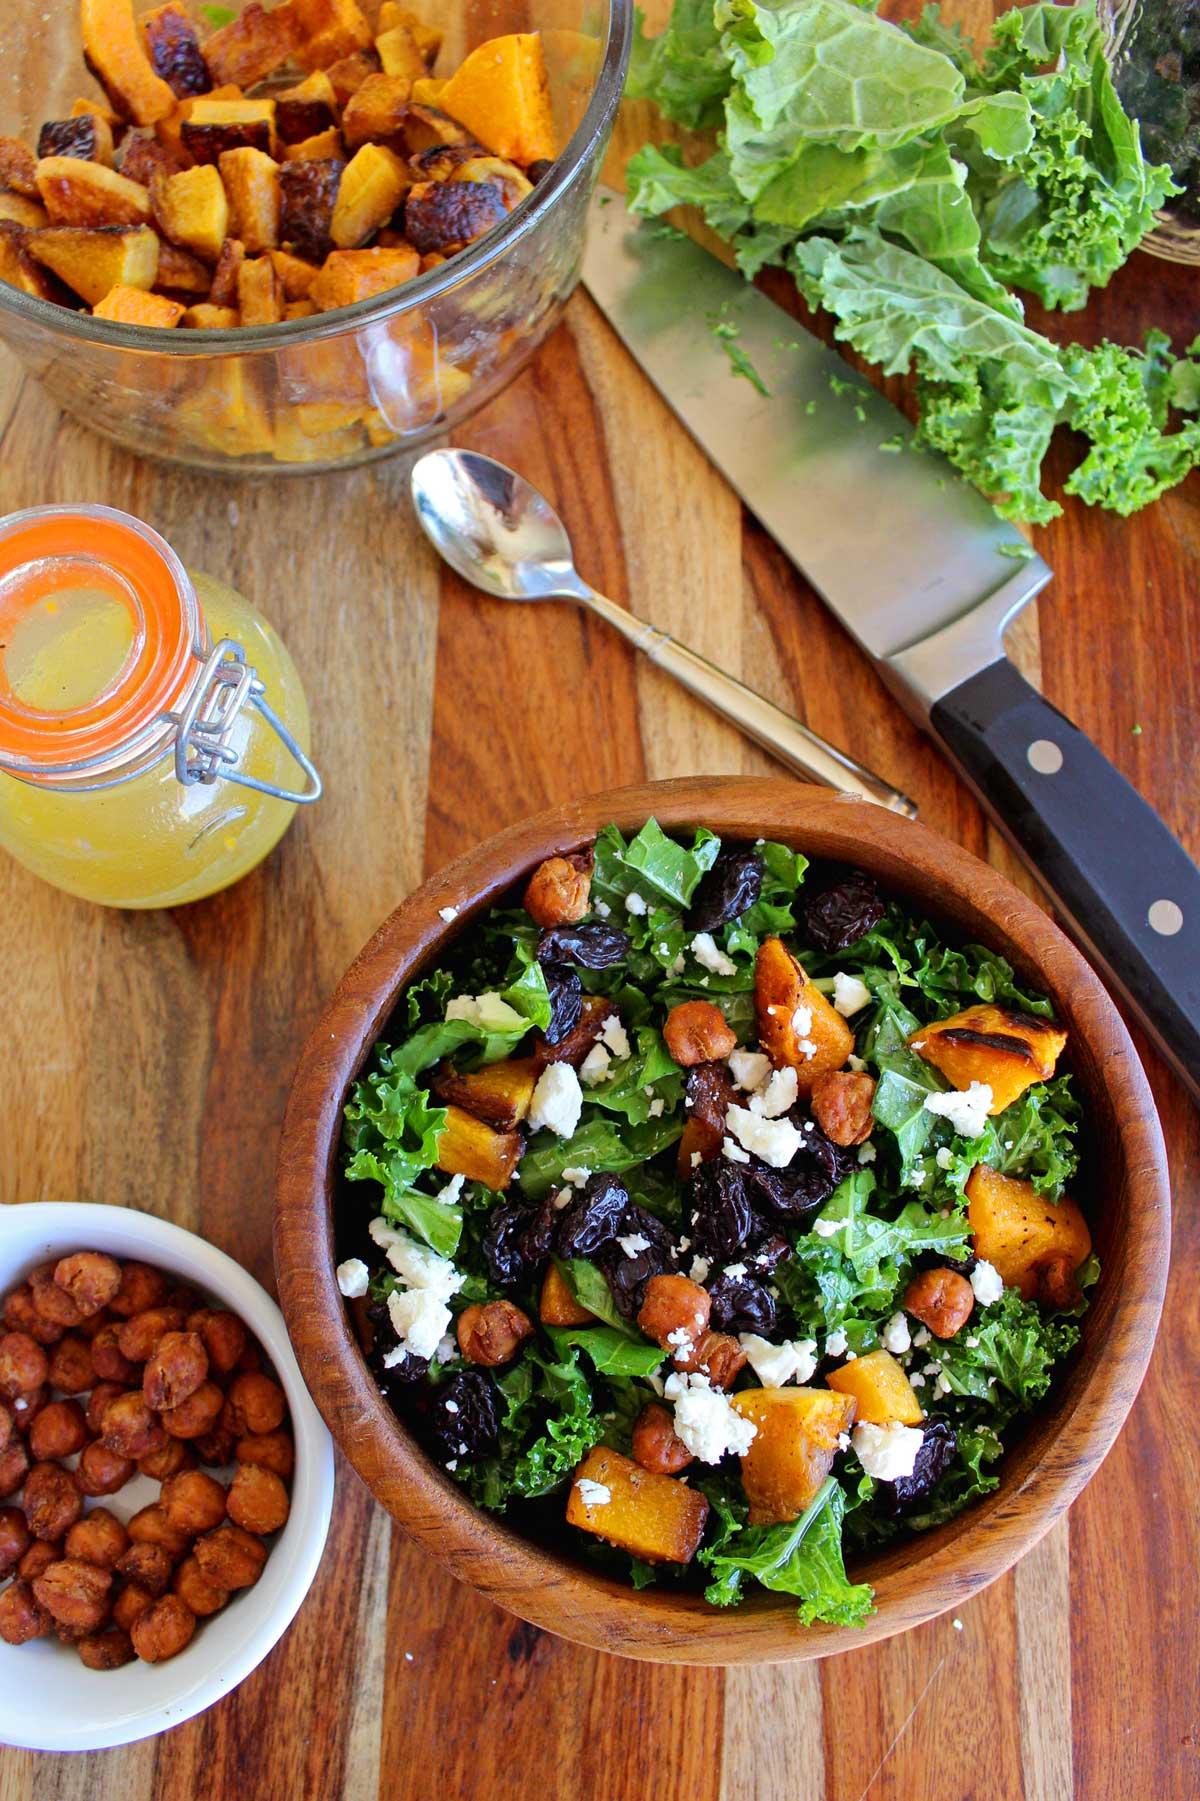 prepared butternut squash kale salad